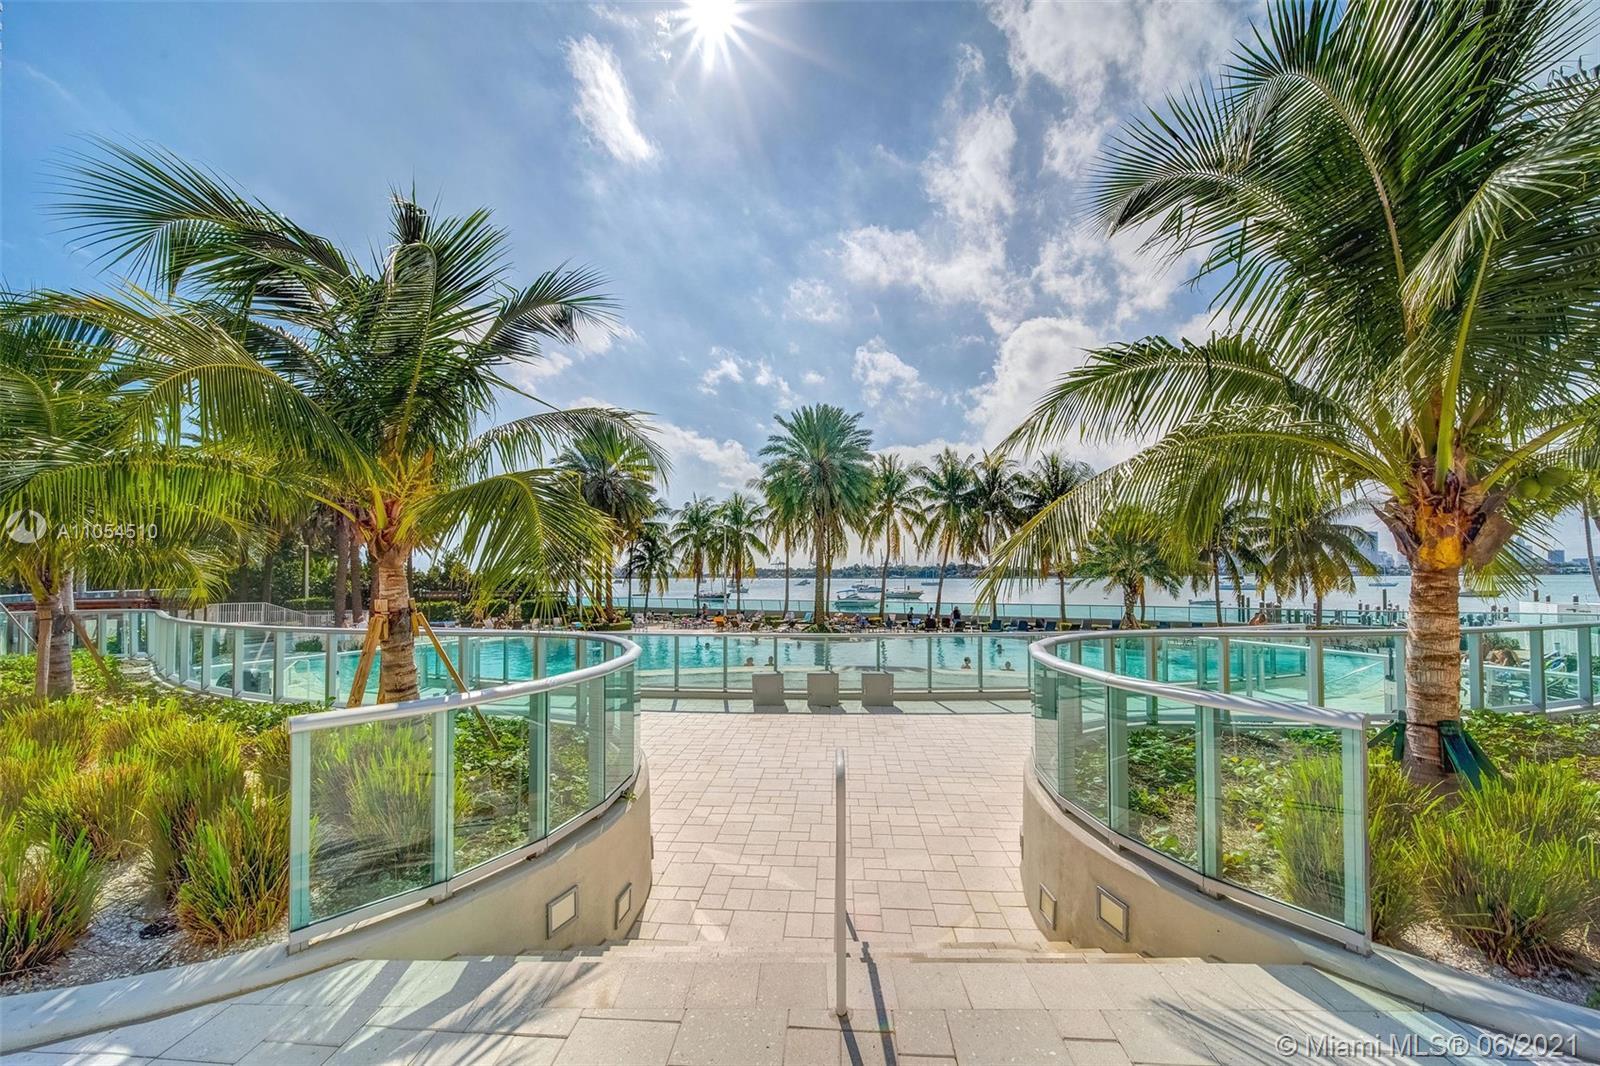 Flamingo South Beach #C-3101 - 1500 Bay Rd #C-3101, Miami Beach, FL 33139